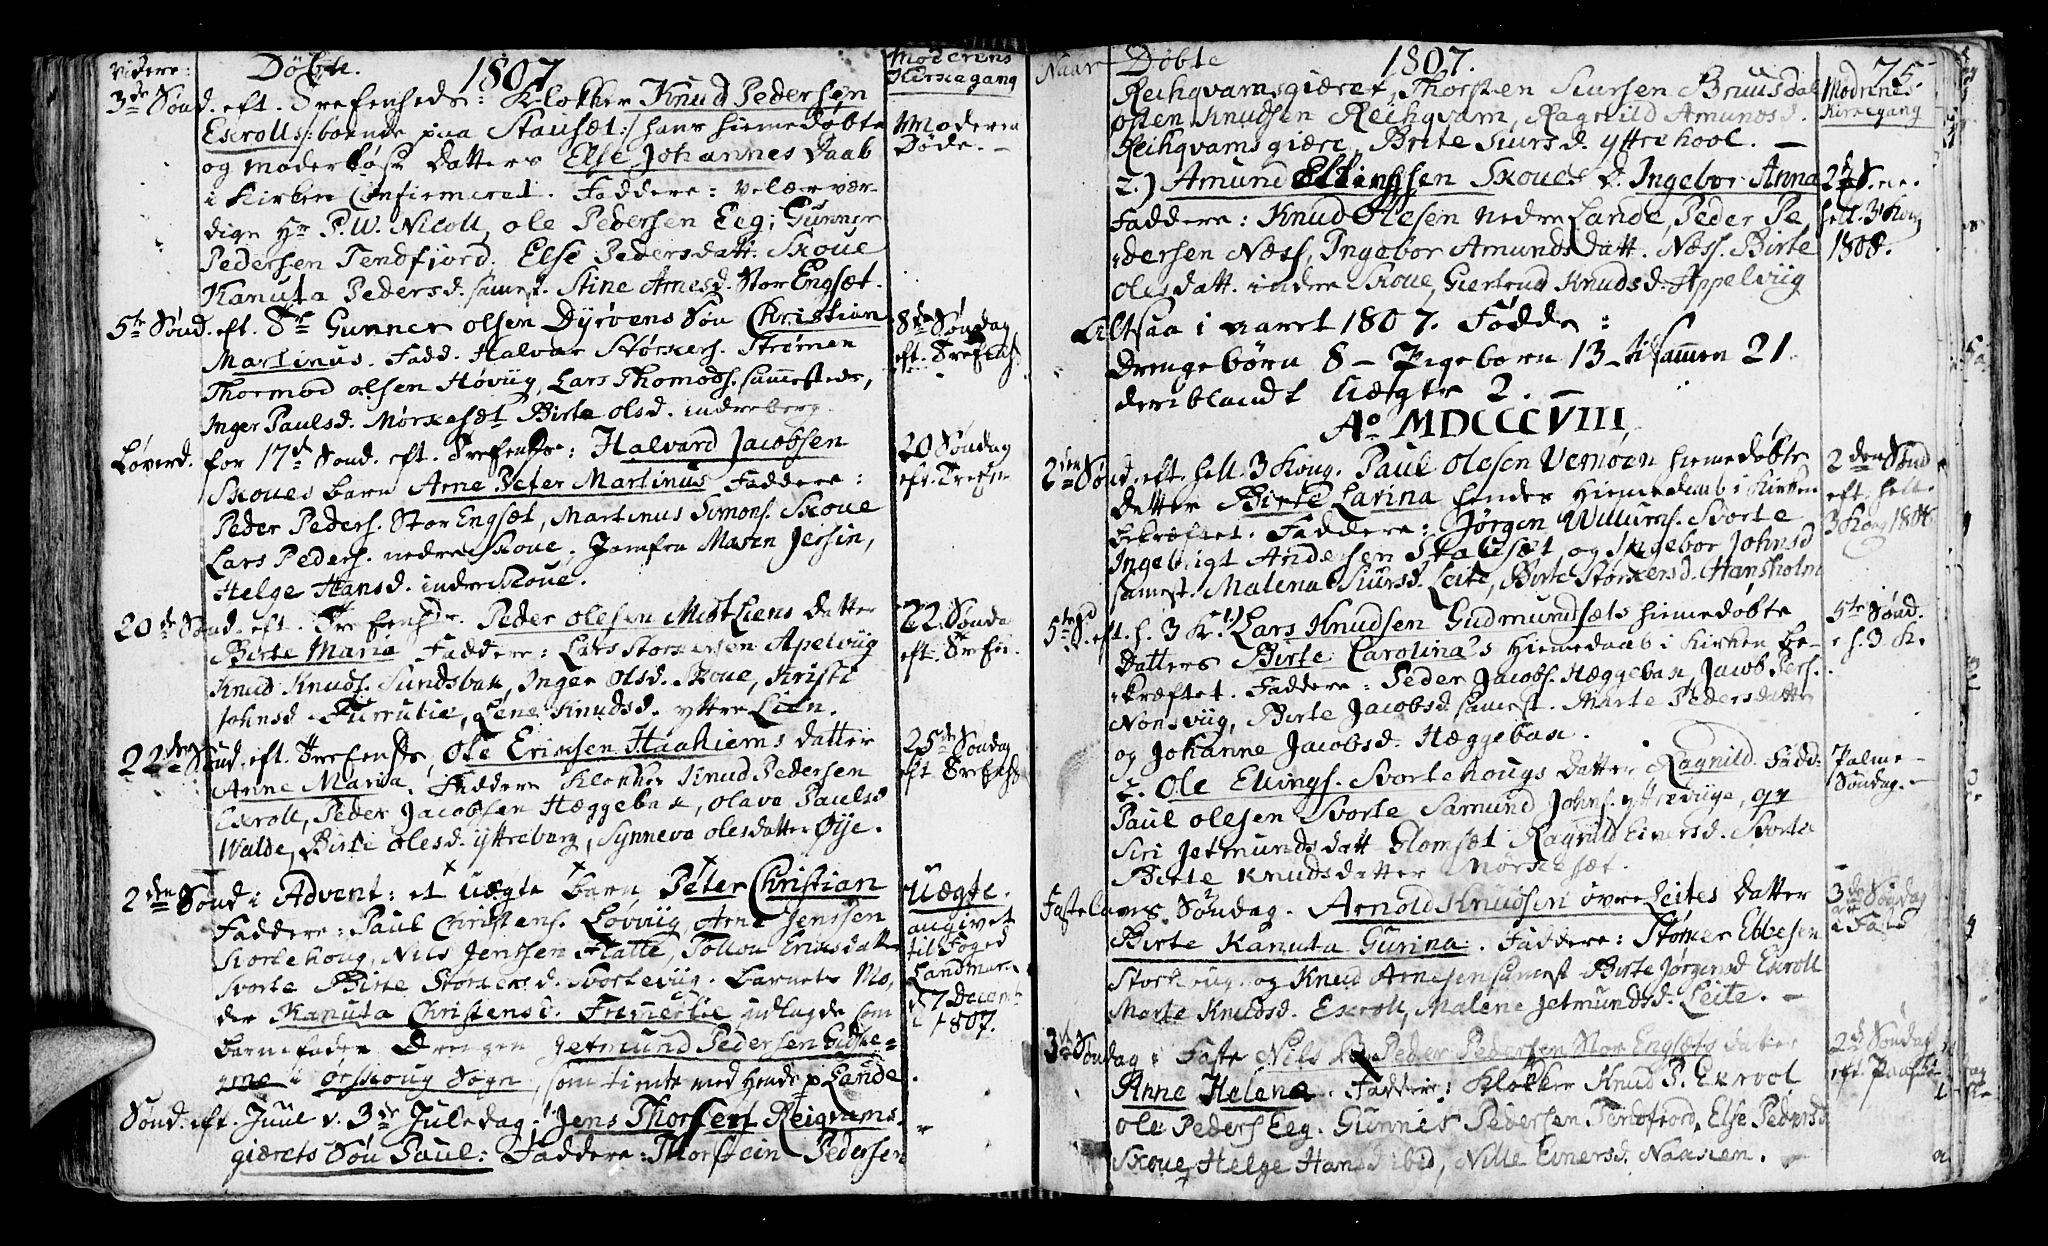 SAT, Ministerialprotokoller, klokkerbøker og fødselsregistre - Møre og Romsdal, 524/L0350: Ministerialbok nr. 524A02, 1780-1817, s. 75